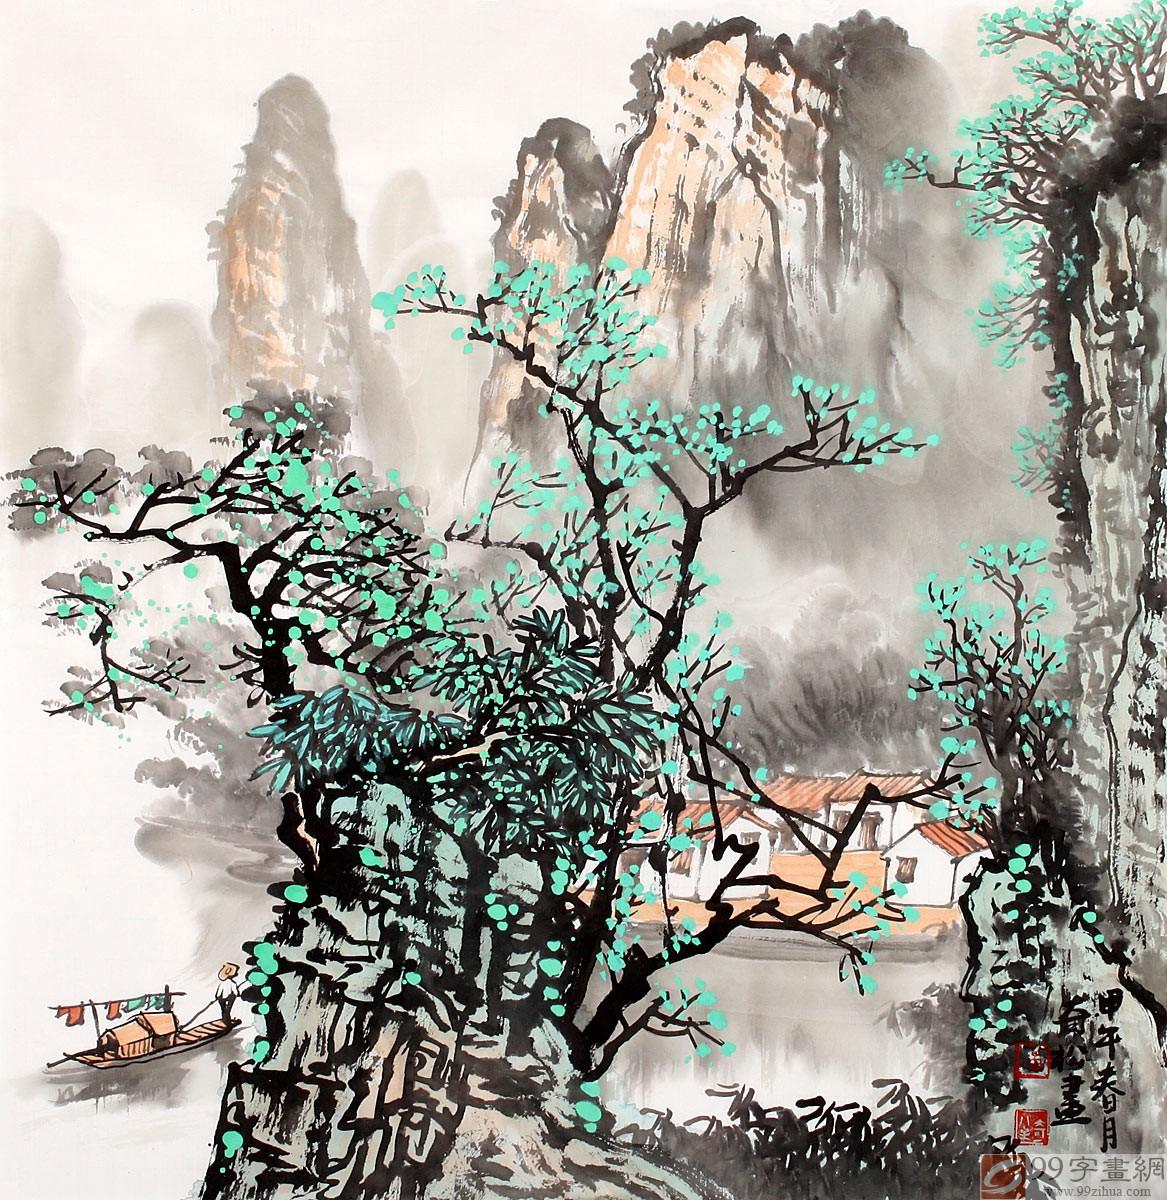 刘安祥大写意水墨山水画精品 - 永远的爱的日志   采购国